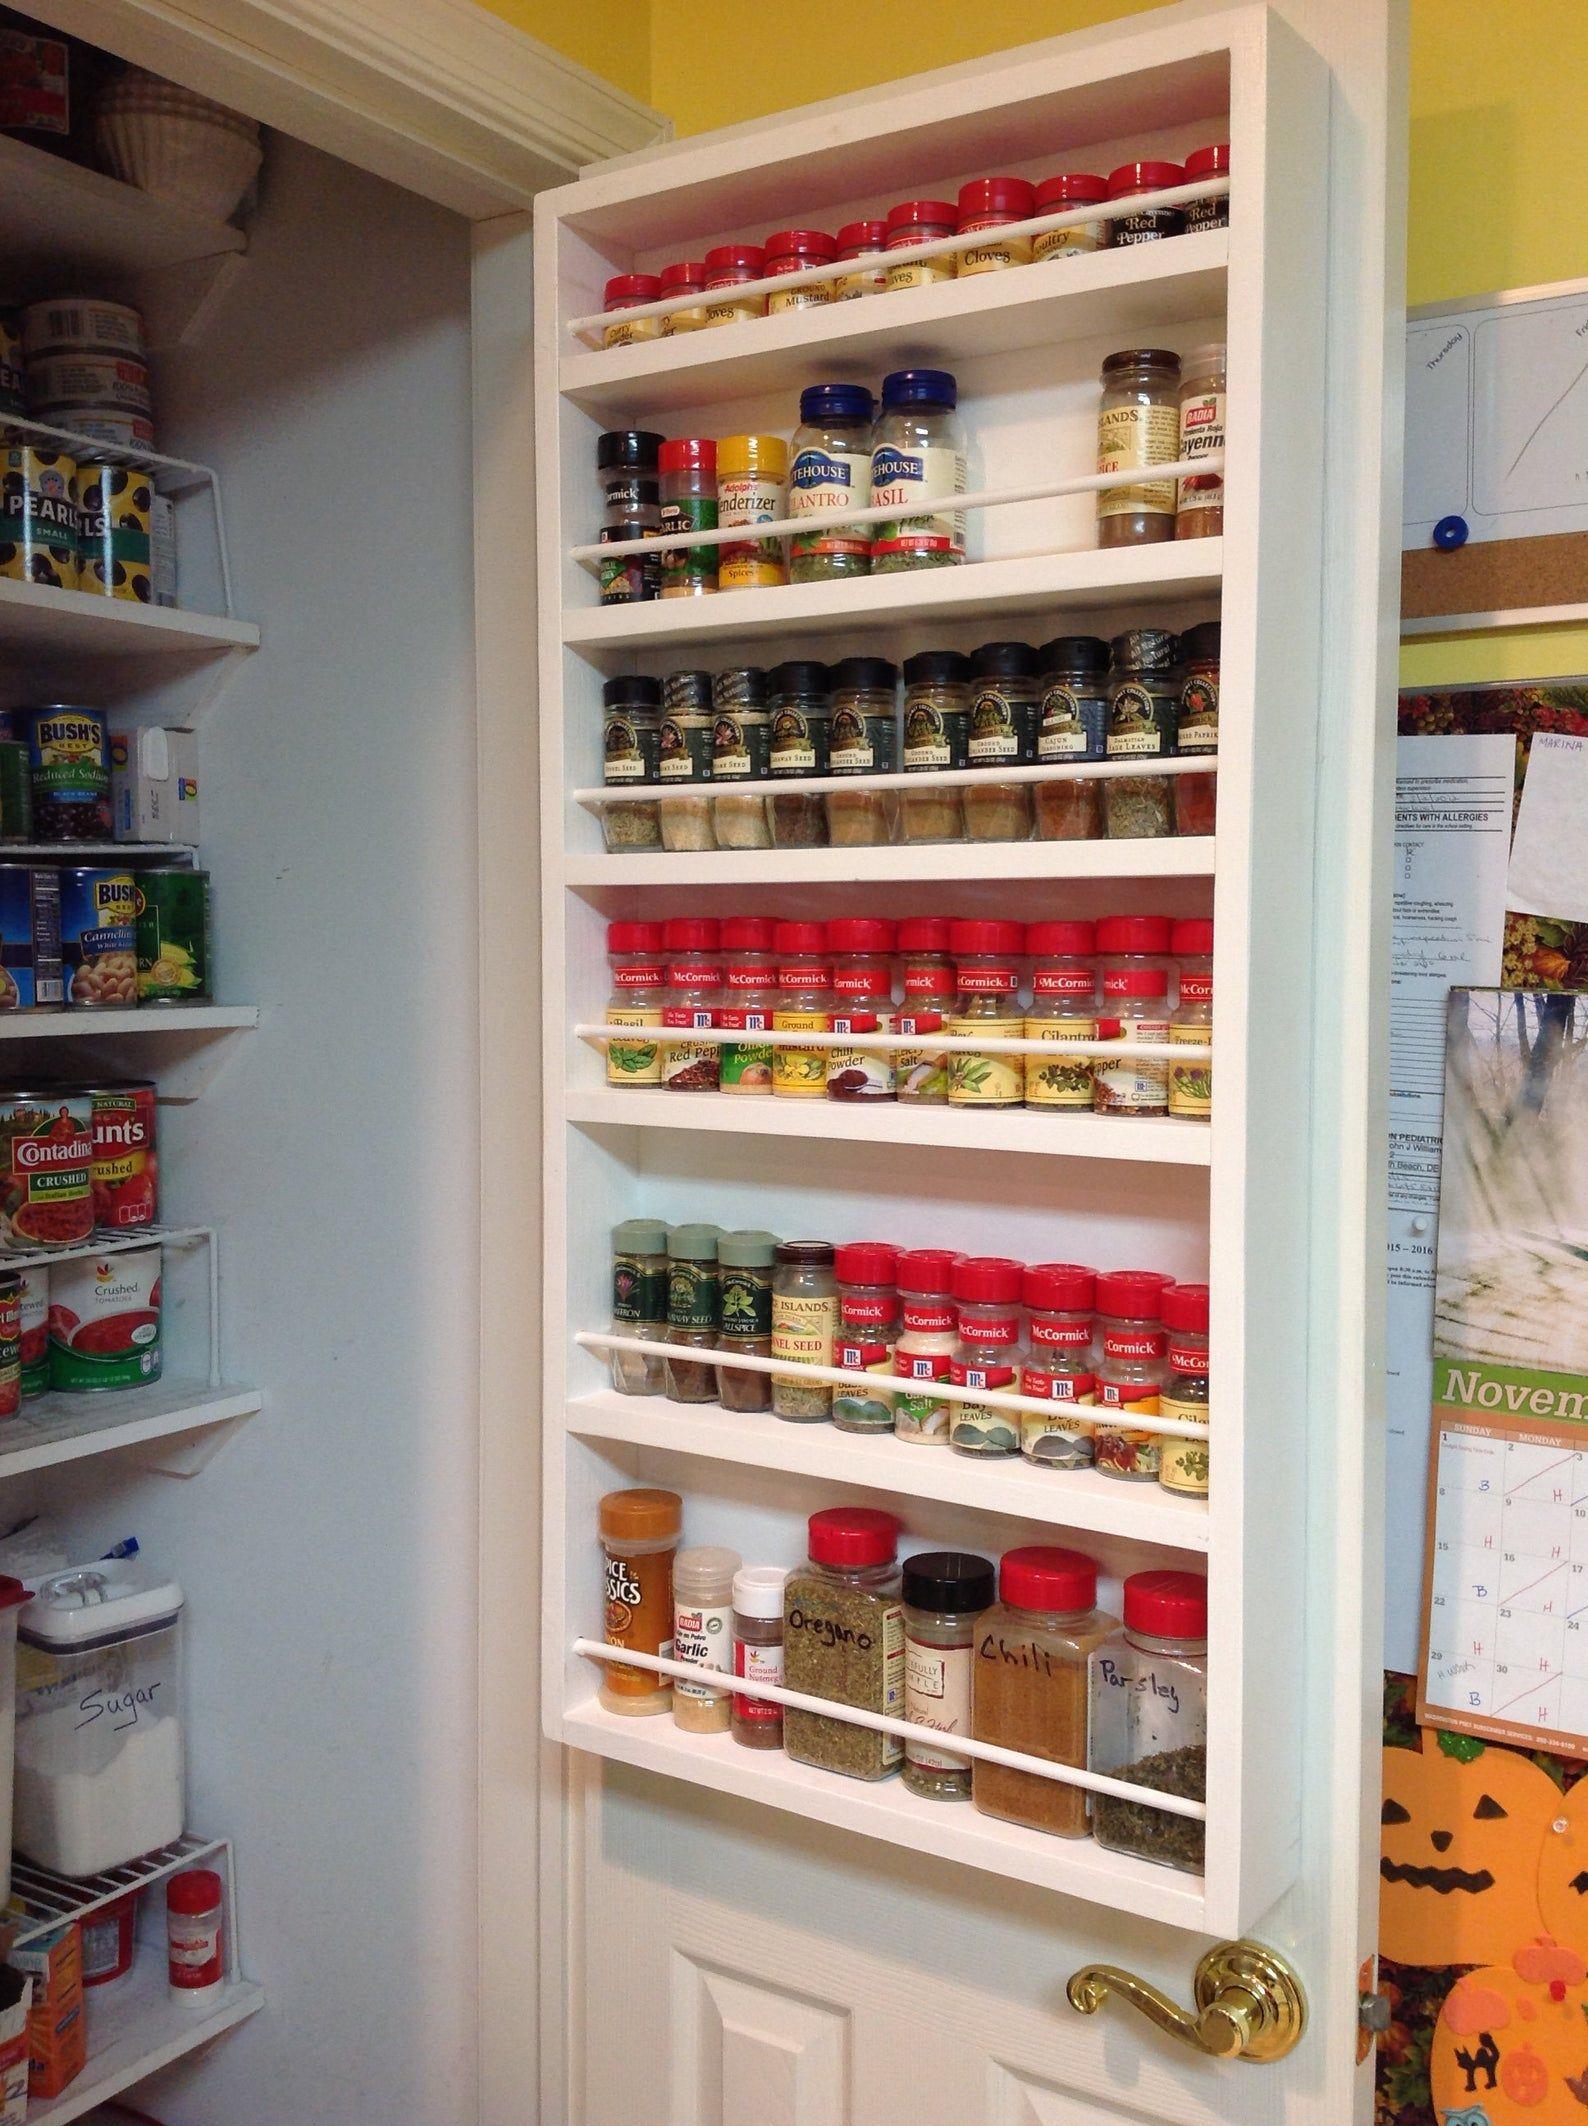 Spice Rack Door Mounted Spice Rack Pantry Door Spice Rack Spice Rack Organizer Back Of Door Spice Rack Pantry Door Storage In 2020 Kitchen Pantry Design Pantry Design Door Spice Rack